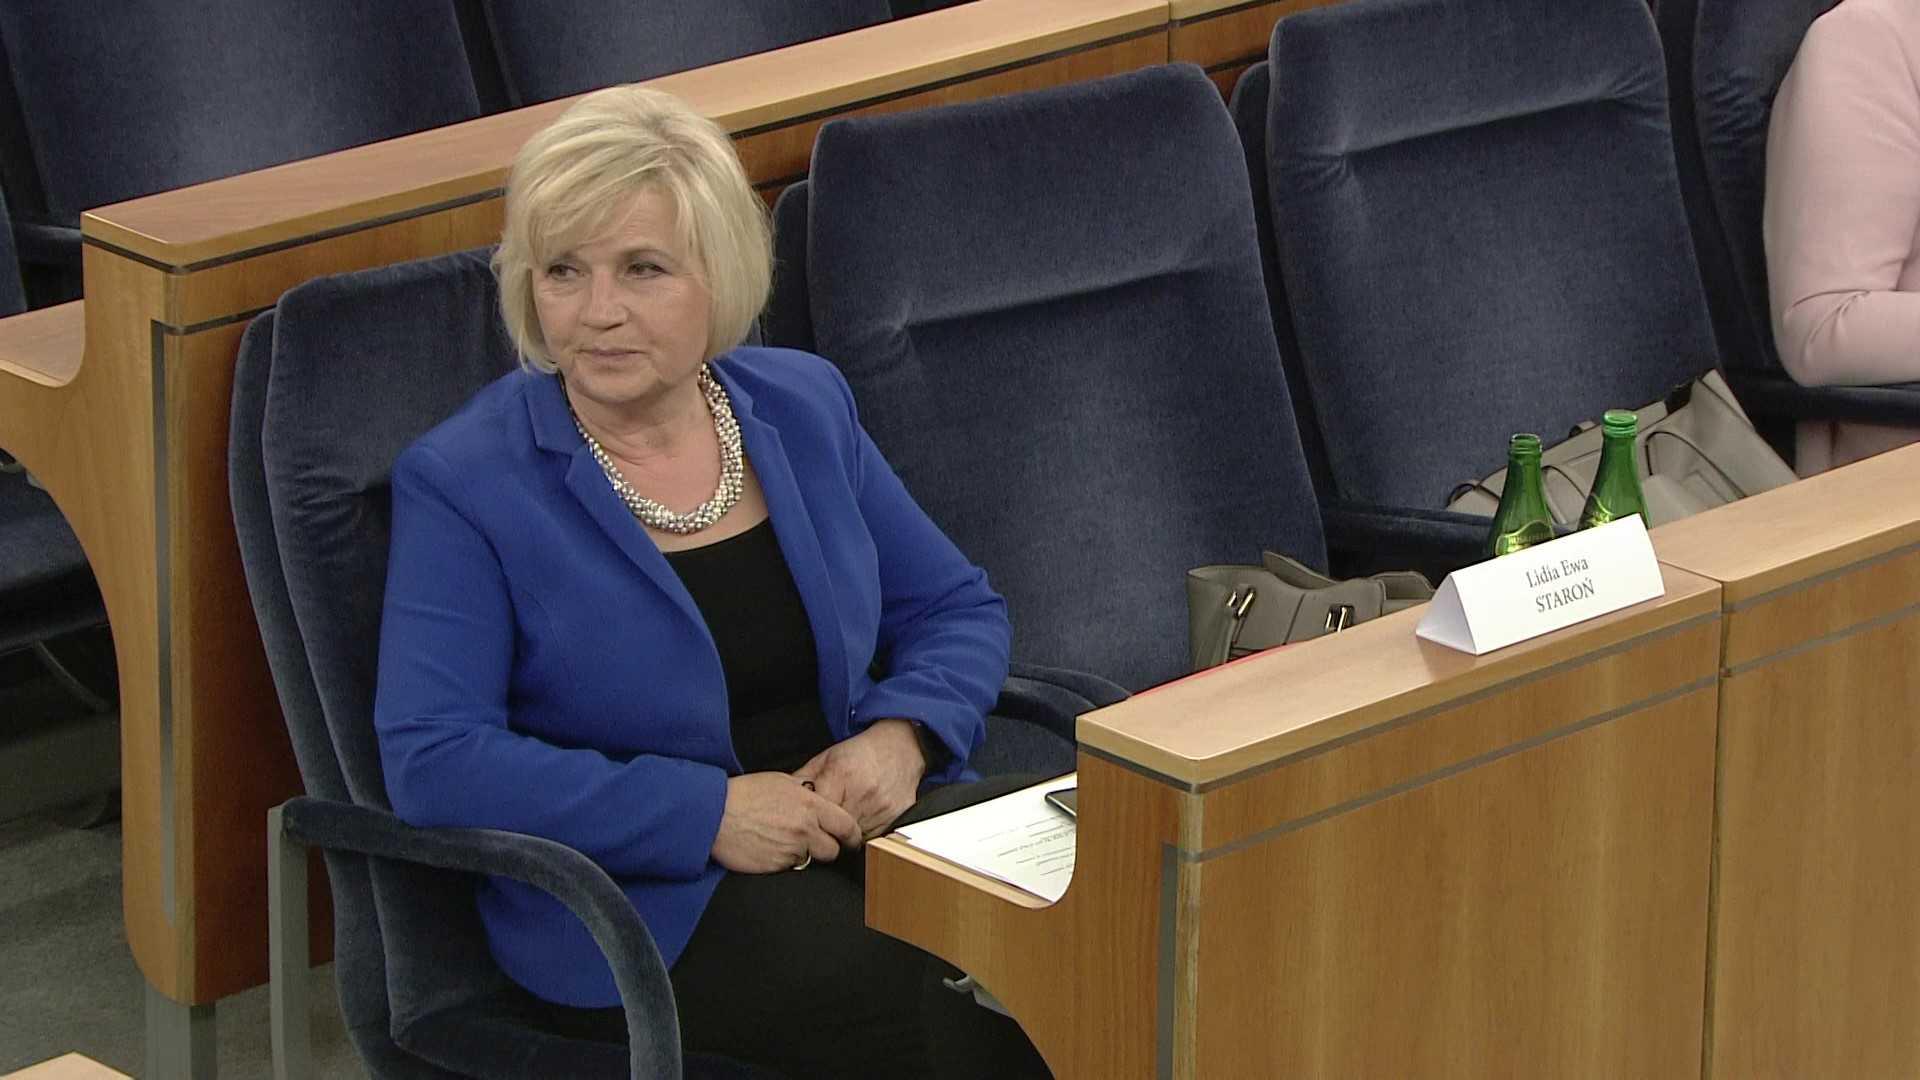 """Lidia Staroń komentuje swoją porażkę w głosowaniu w Senacie. """"Właśnie tak to jest"""""""